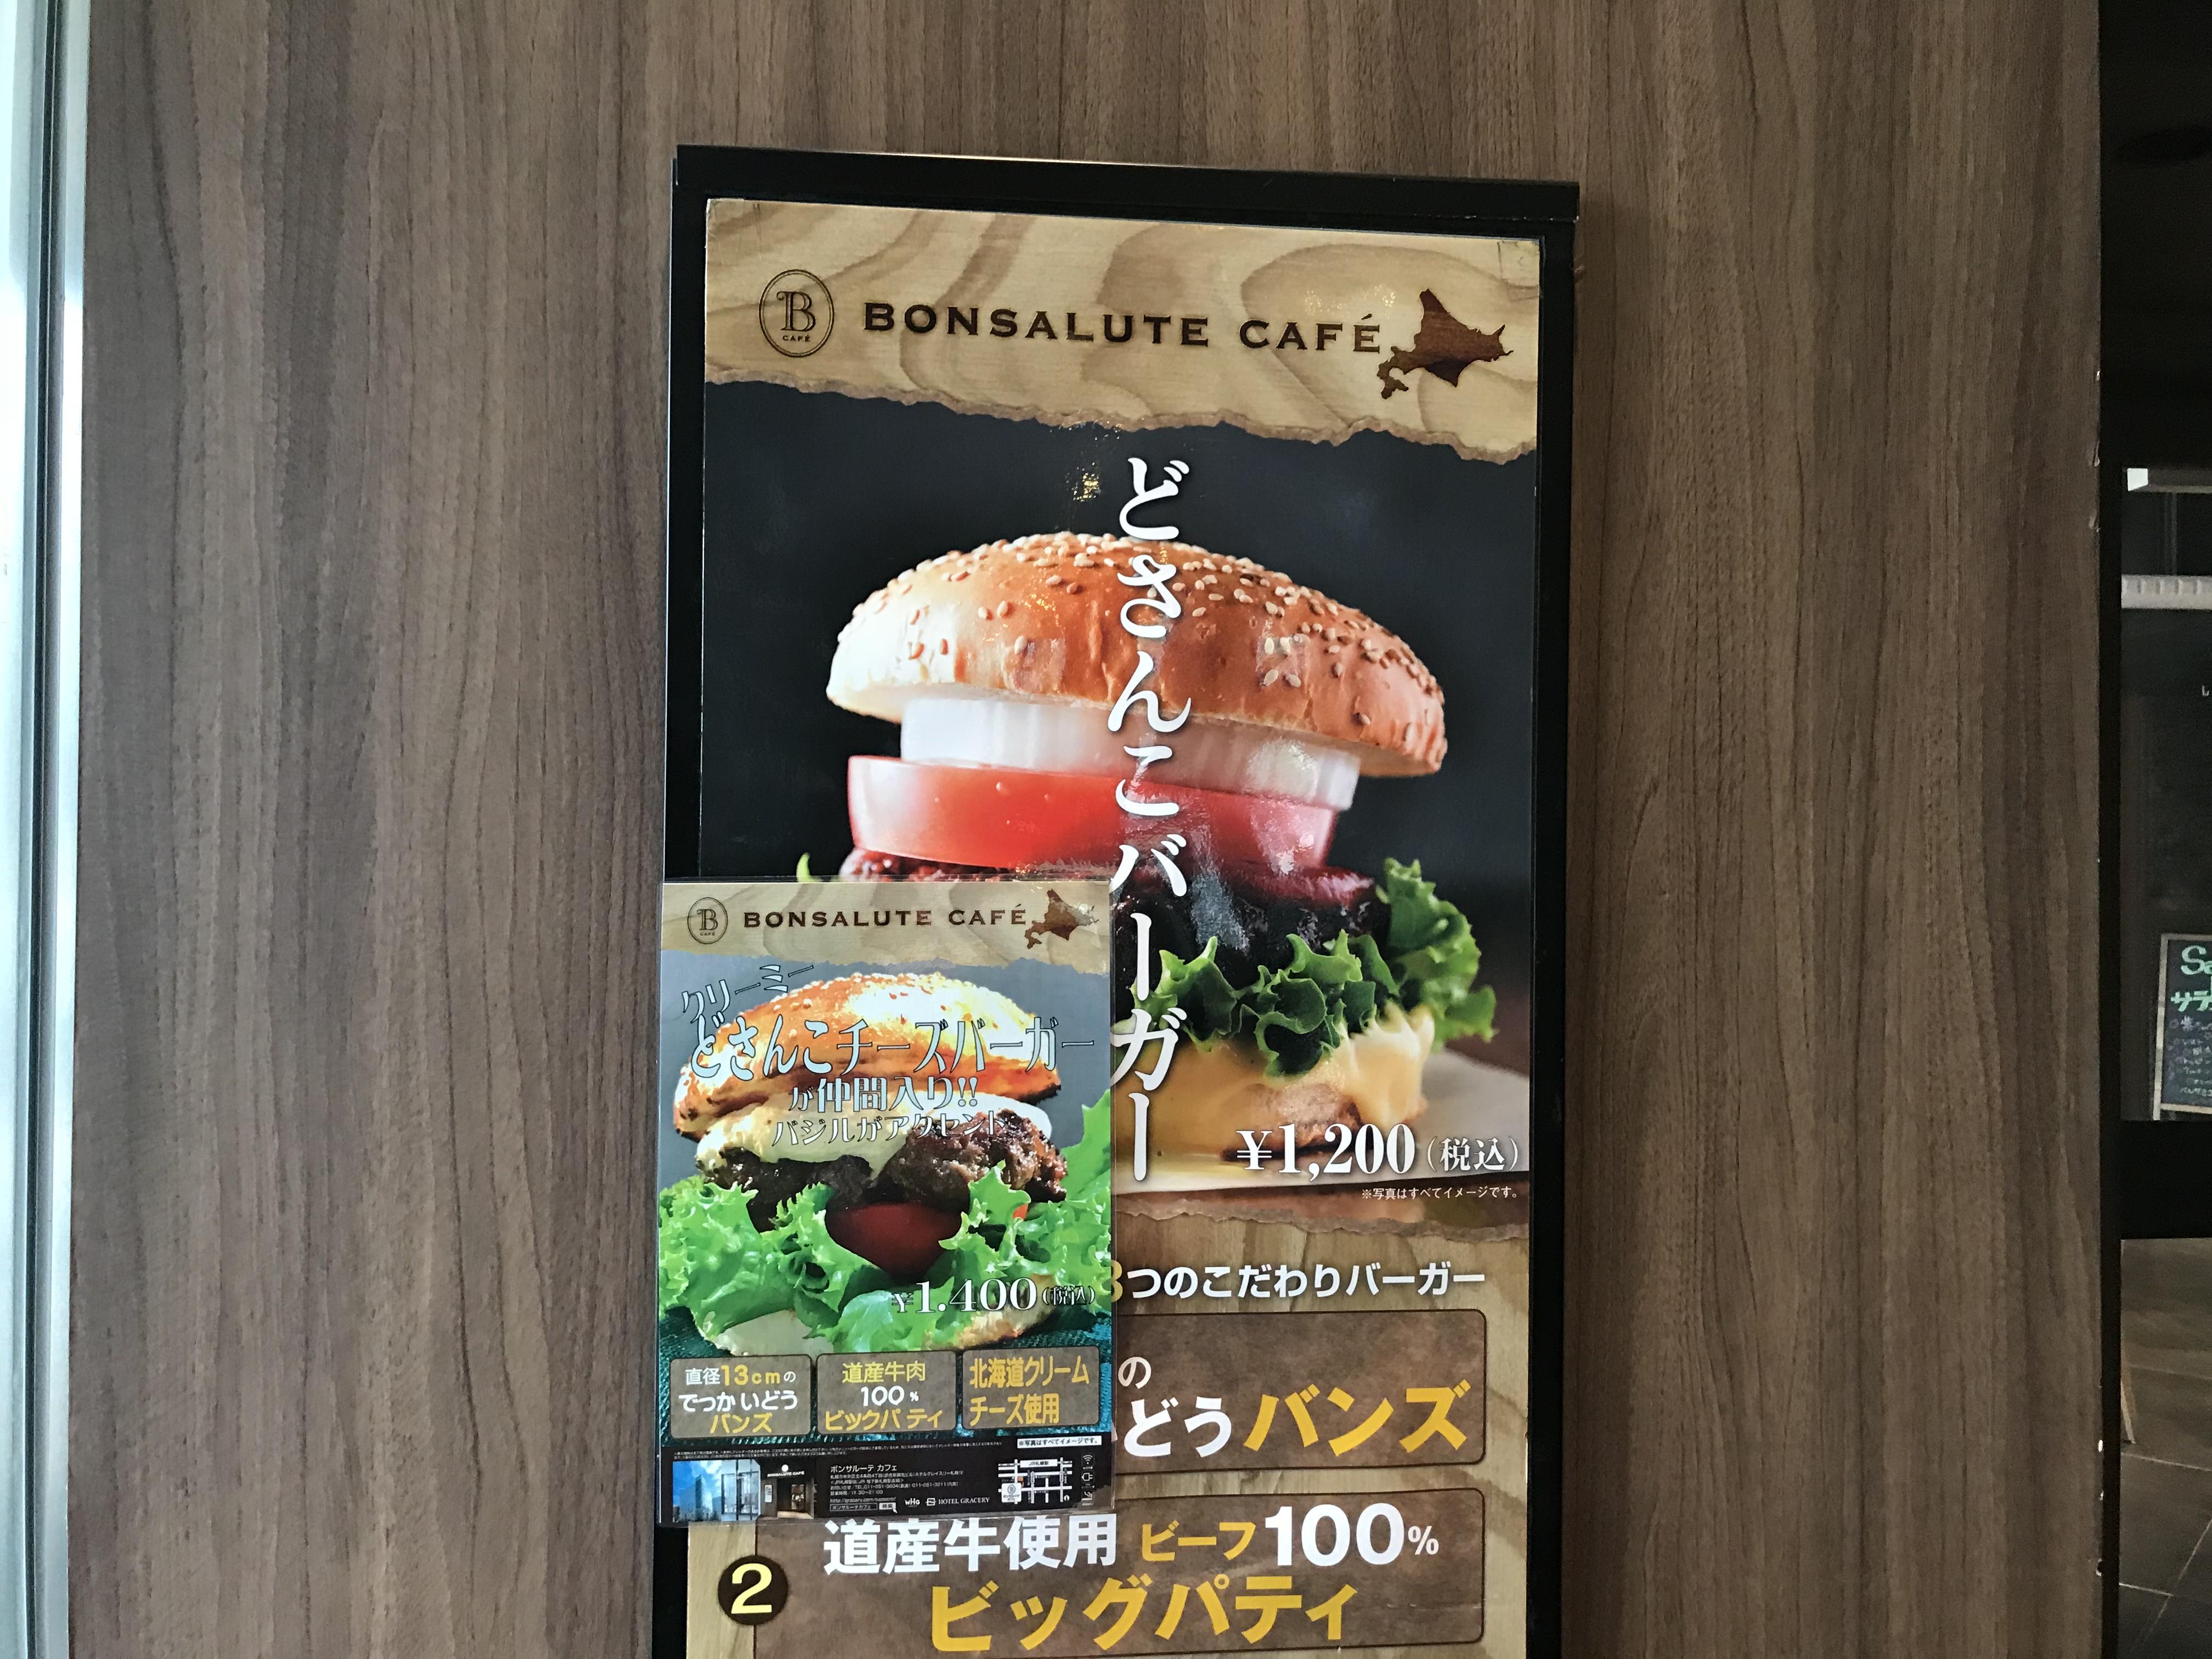 ボンサルーテカフェのどさんこバーガー